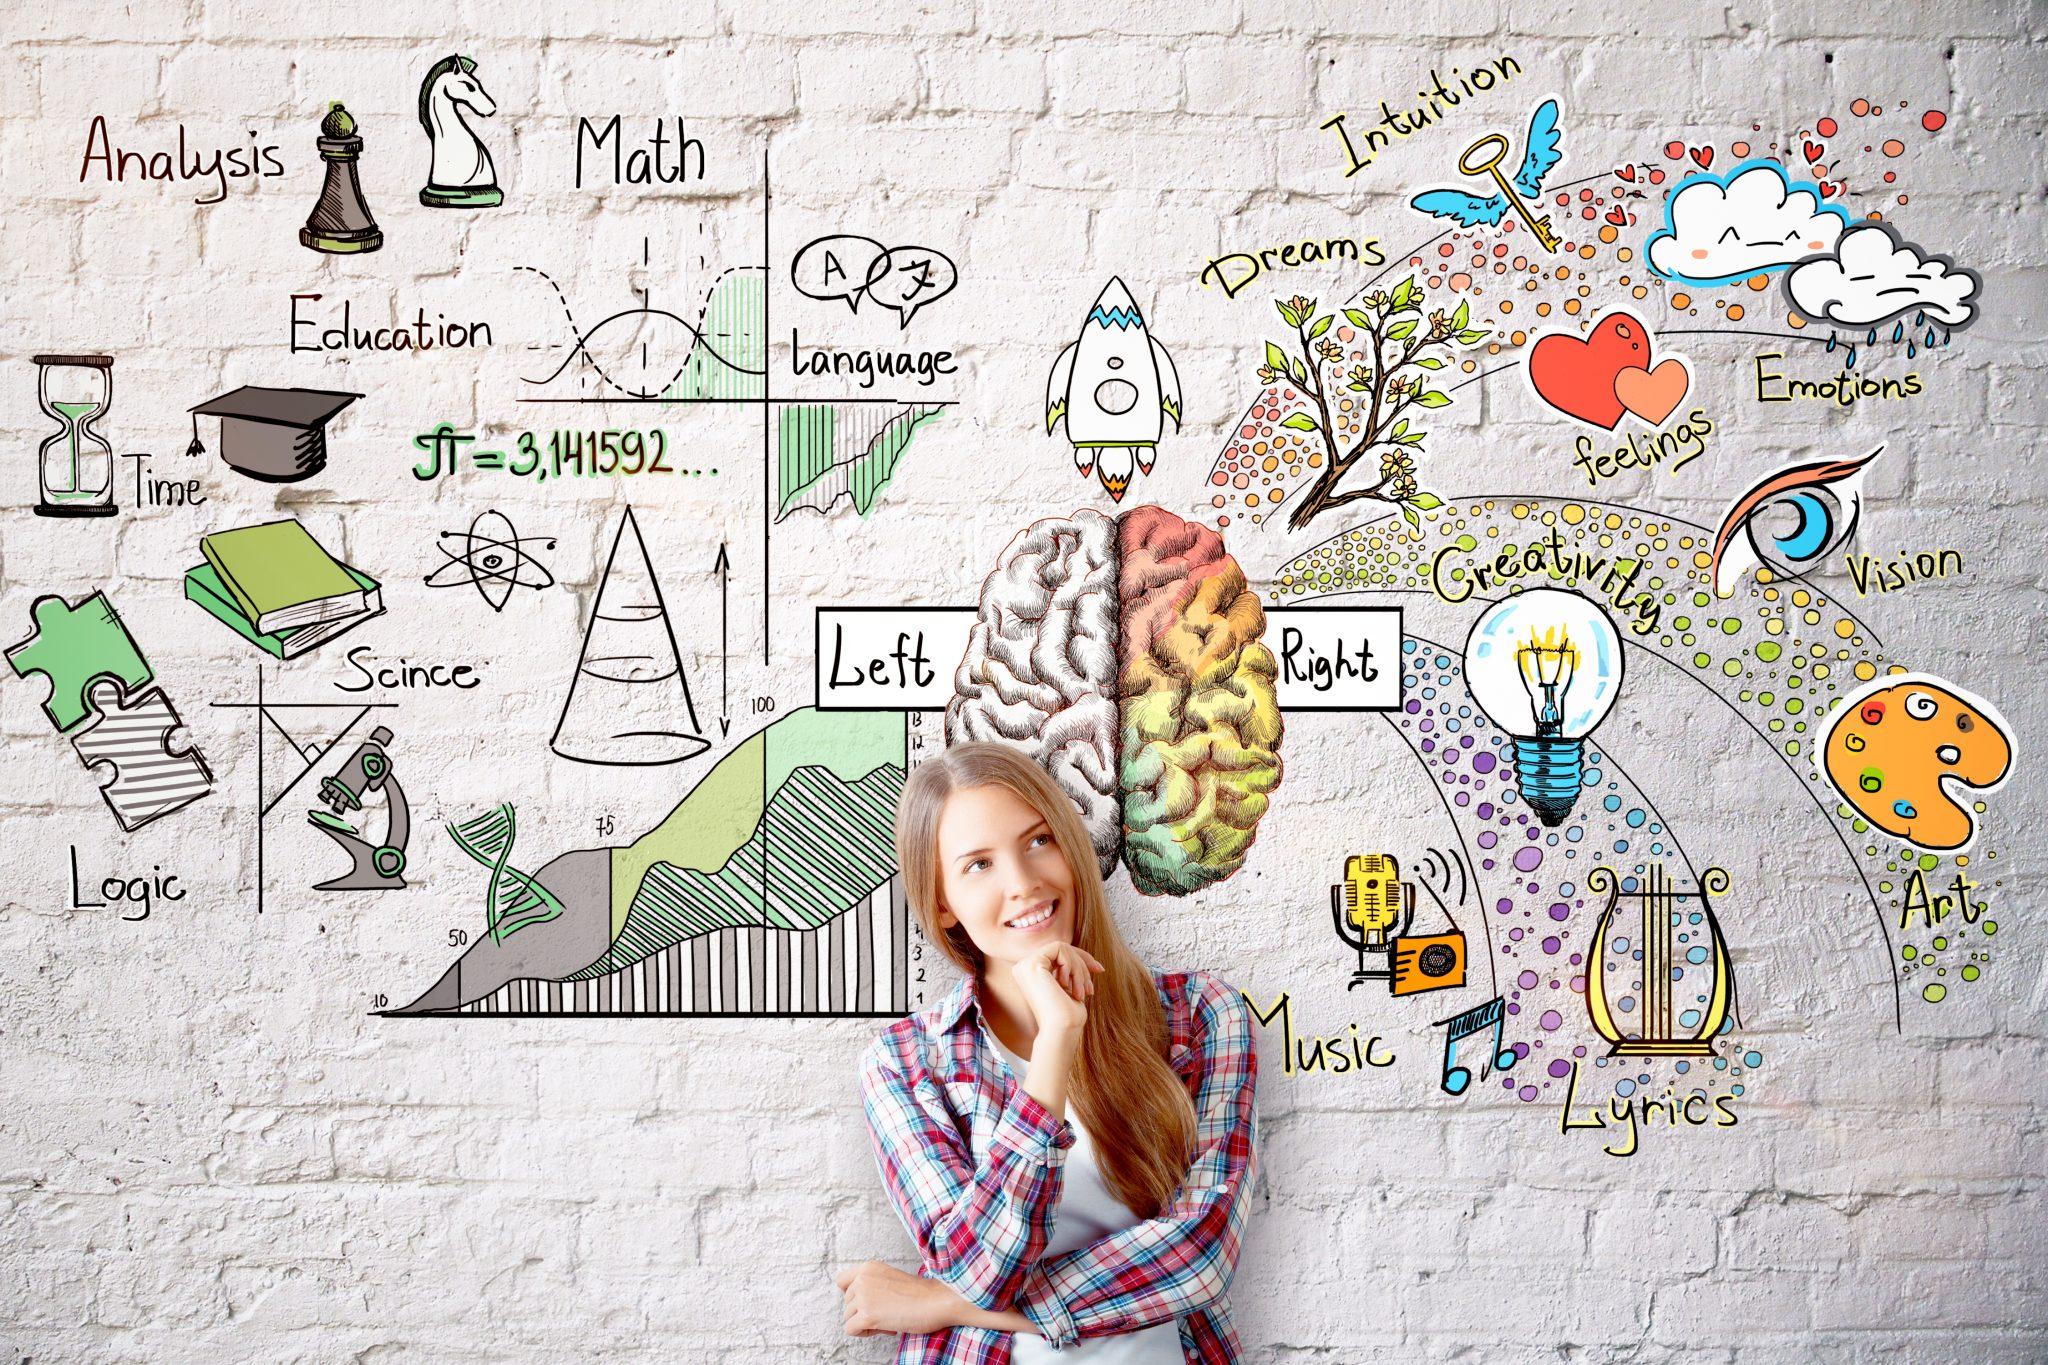 頭の中にあるアイデアを壁に描いた女性